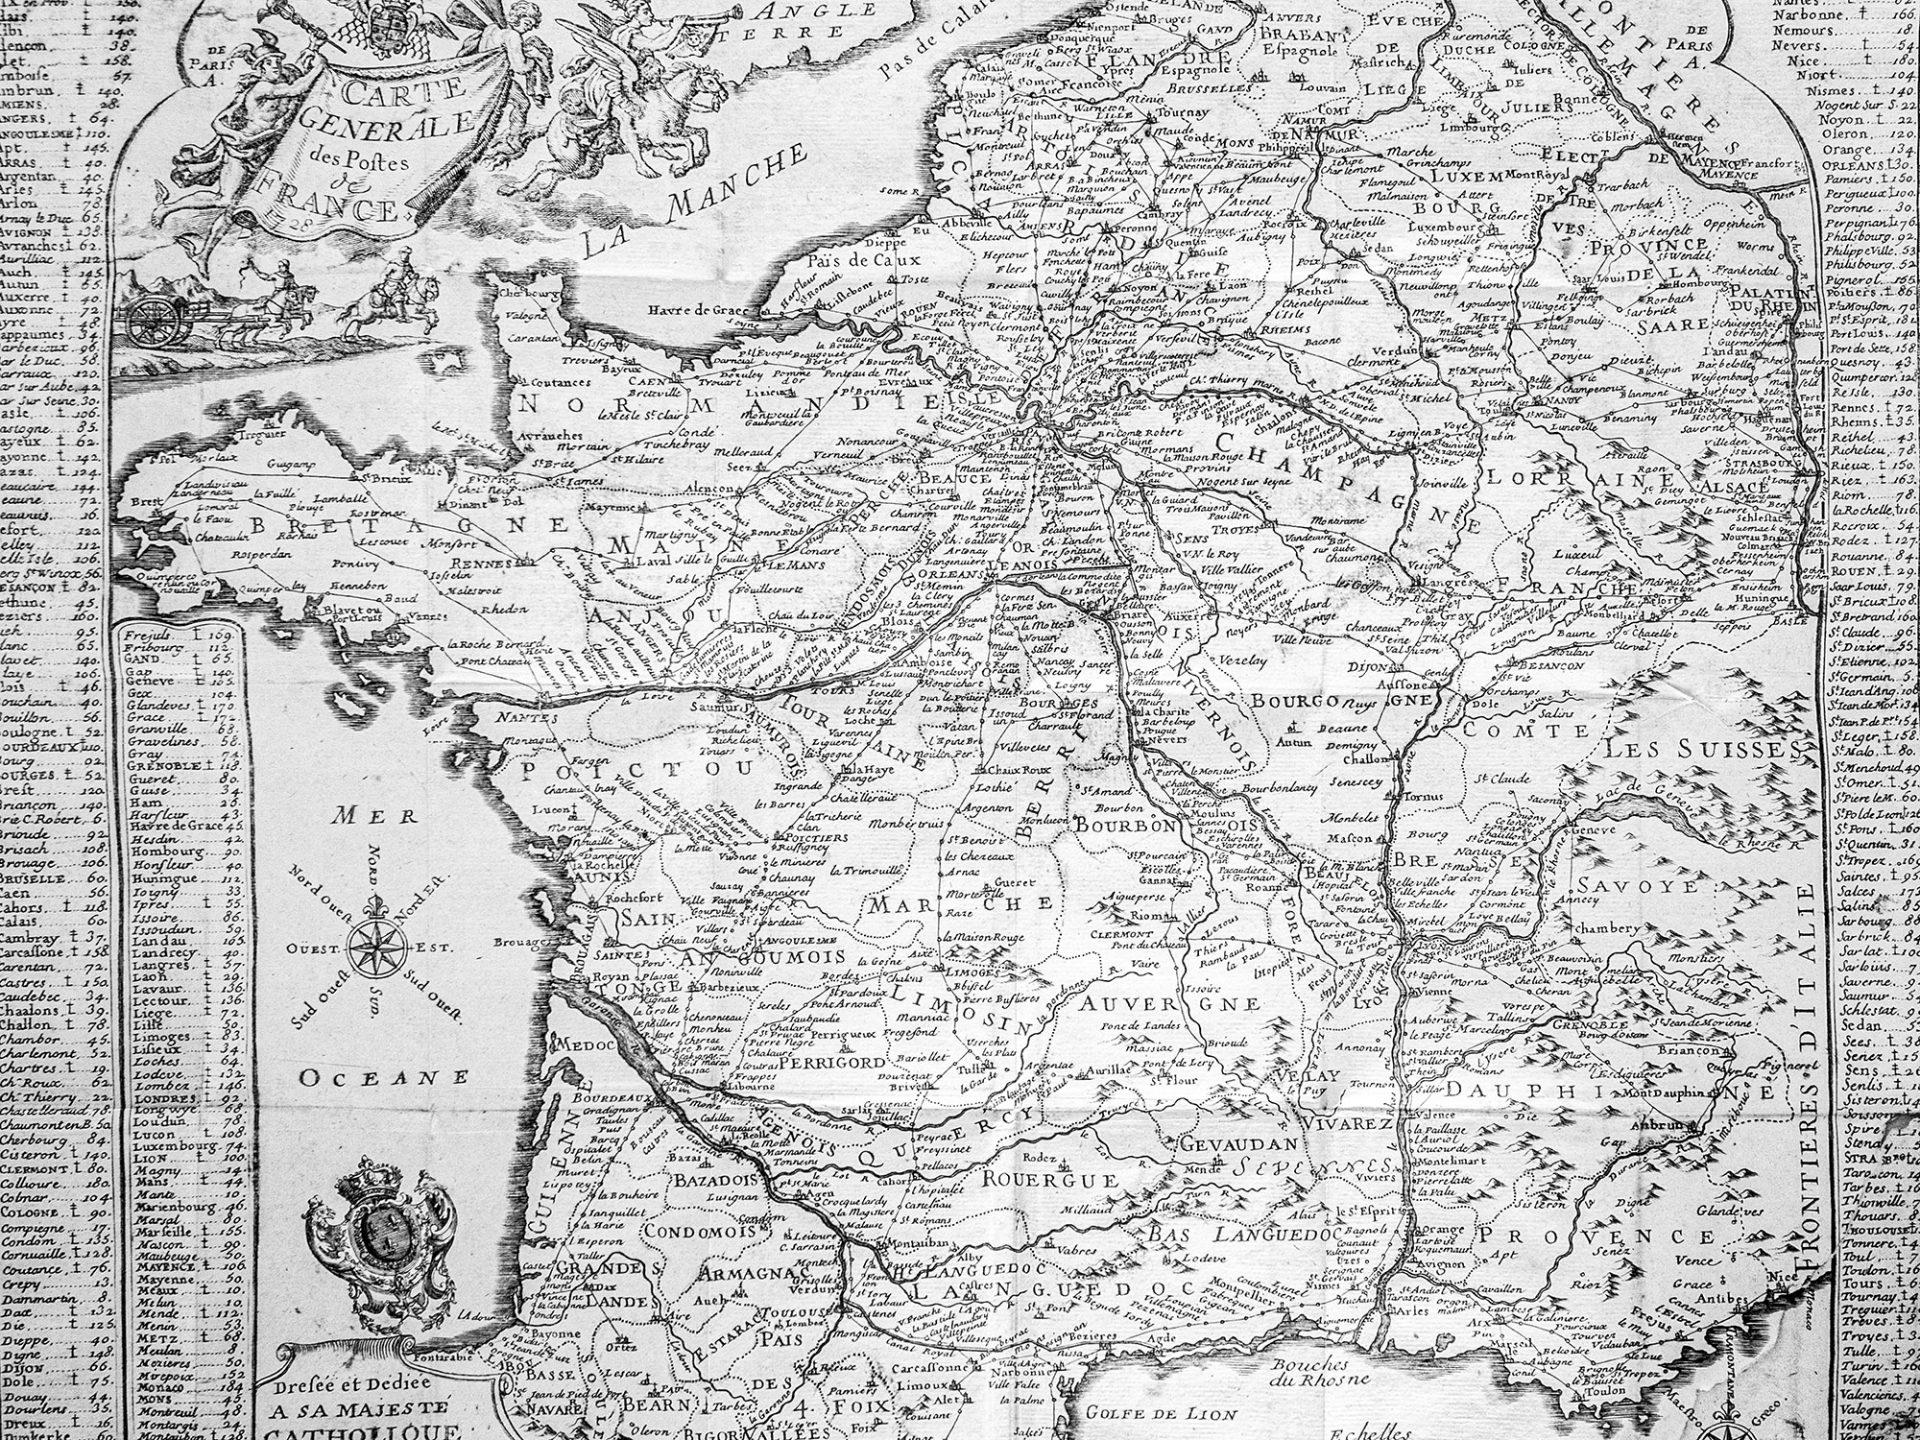 Reizen door Frankrijk en Parijs, driehonderd jaar geleden